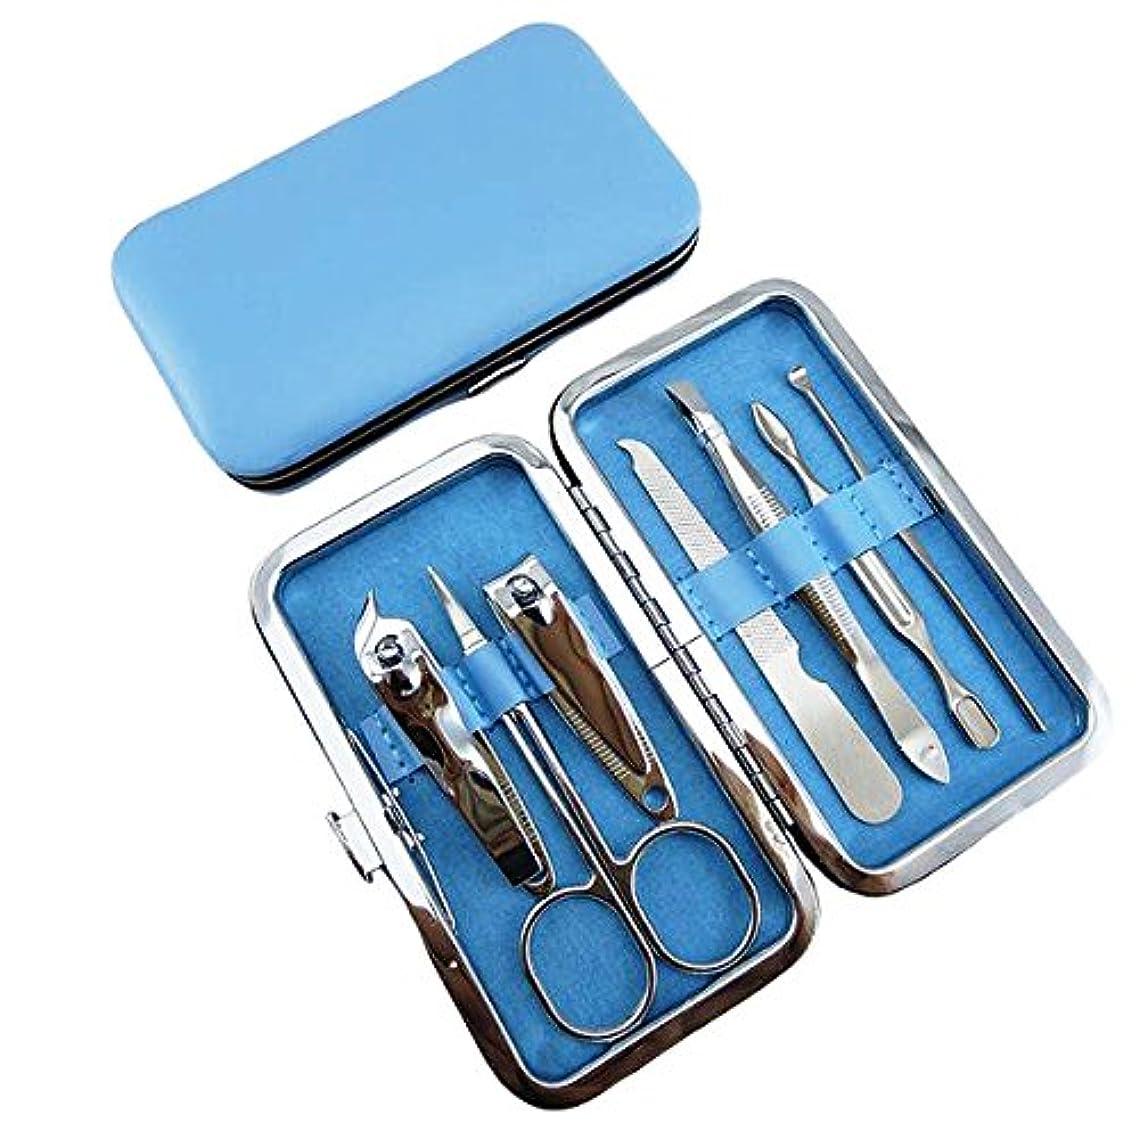 クローンメトリック部ネイルケア セット 爪切りセット 6セット 携帯便利グルーミング (ブルー)